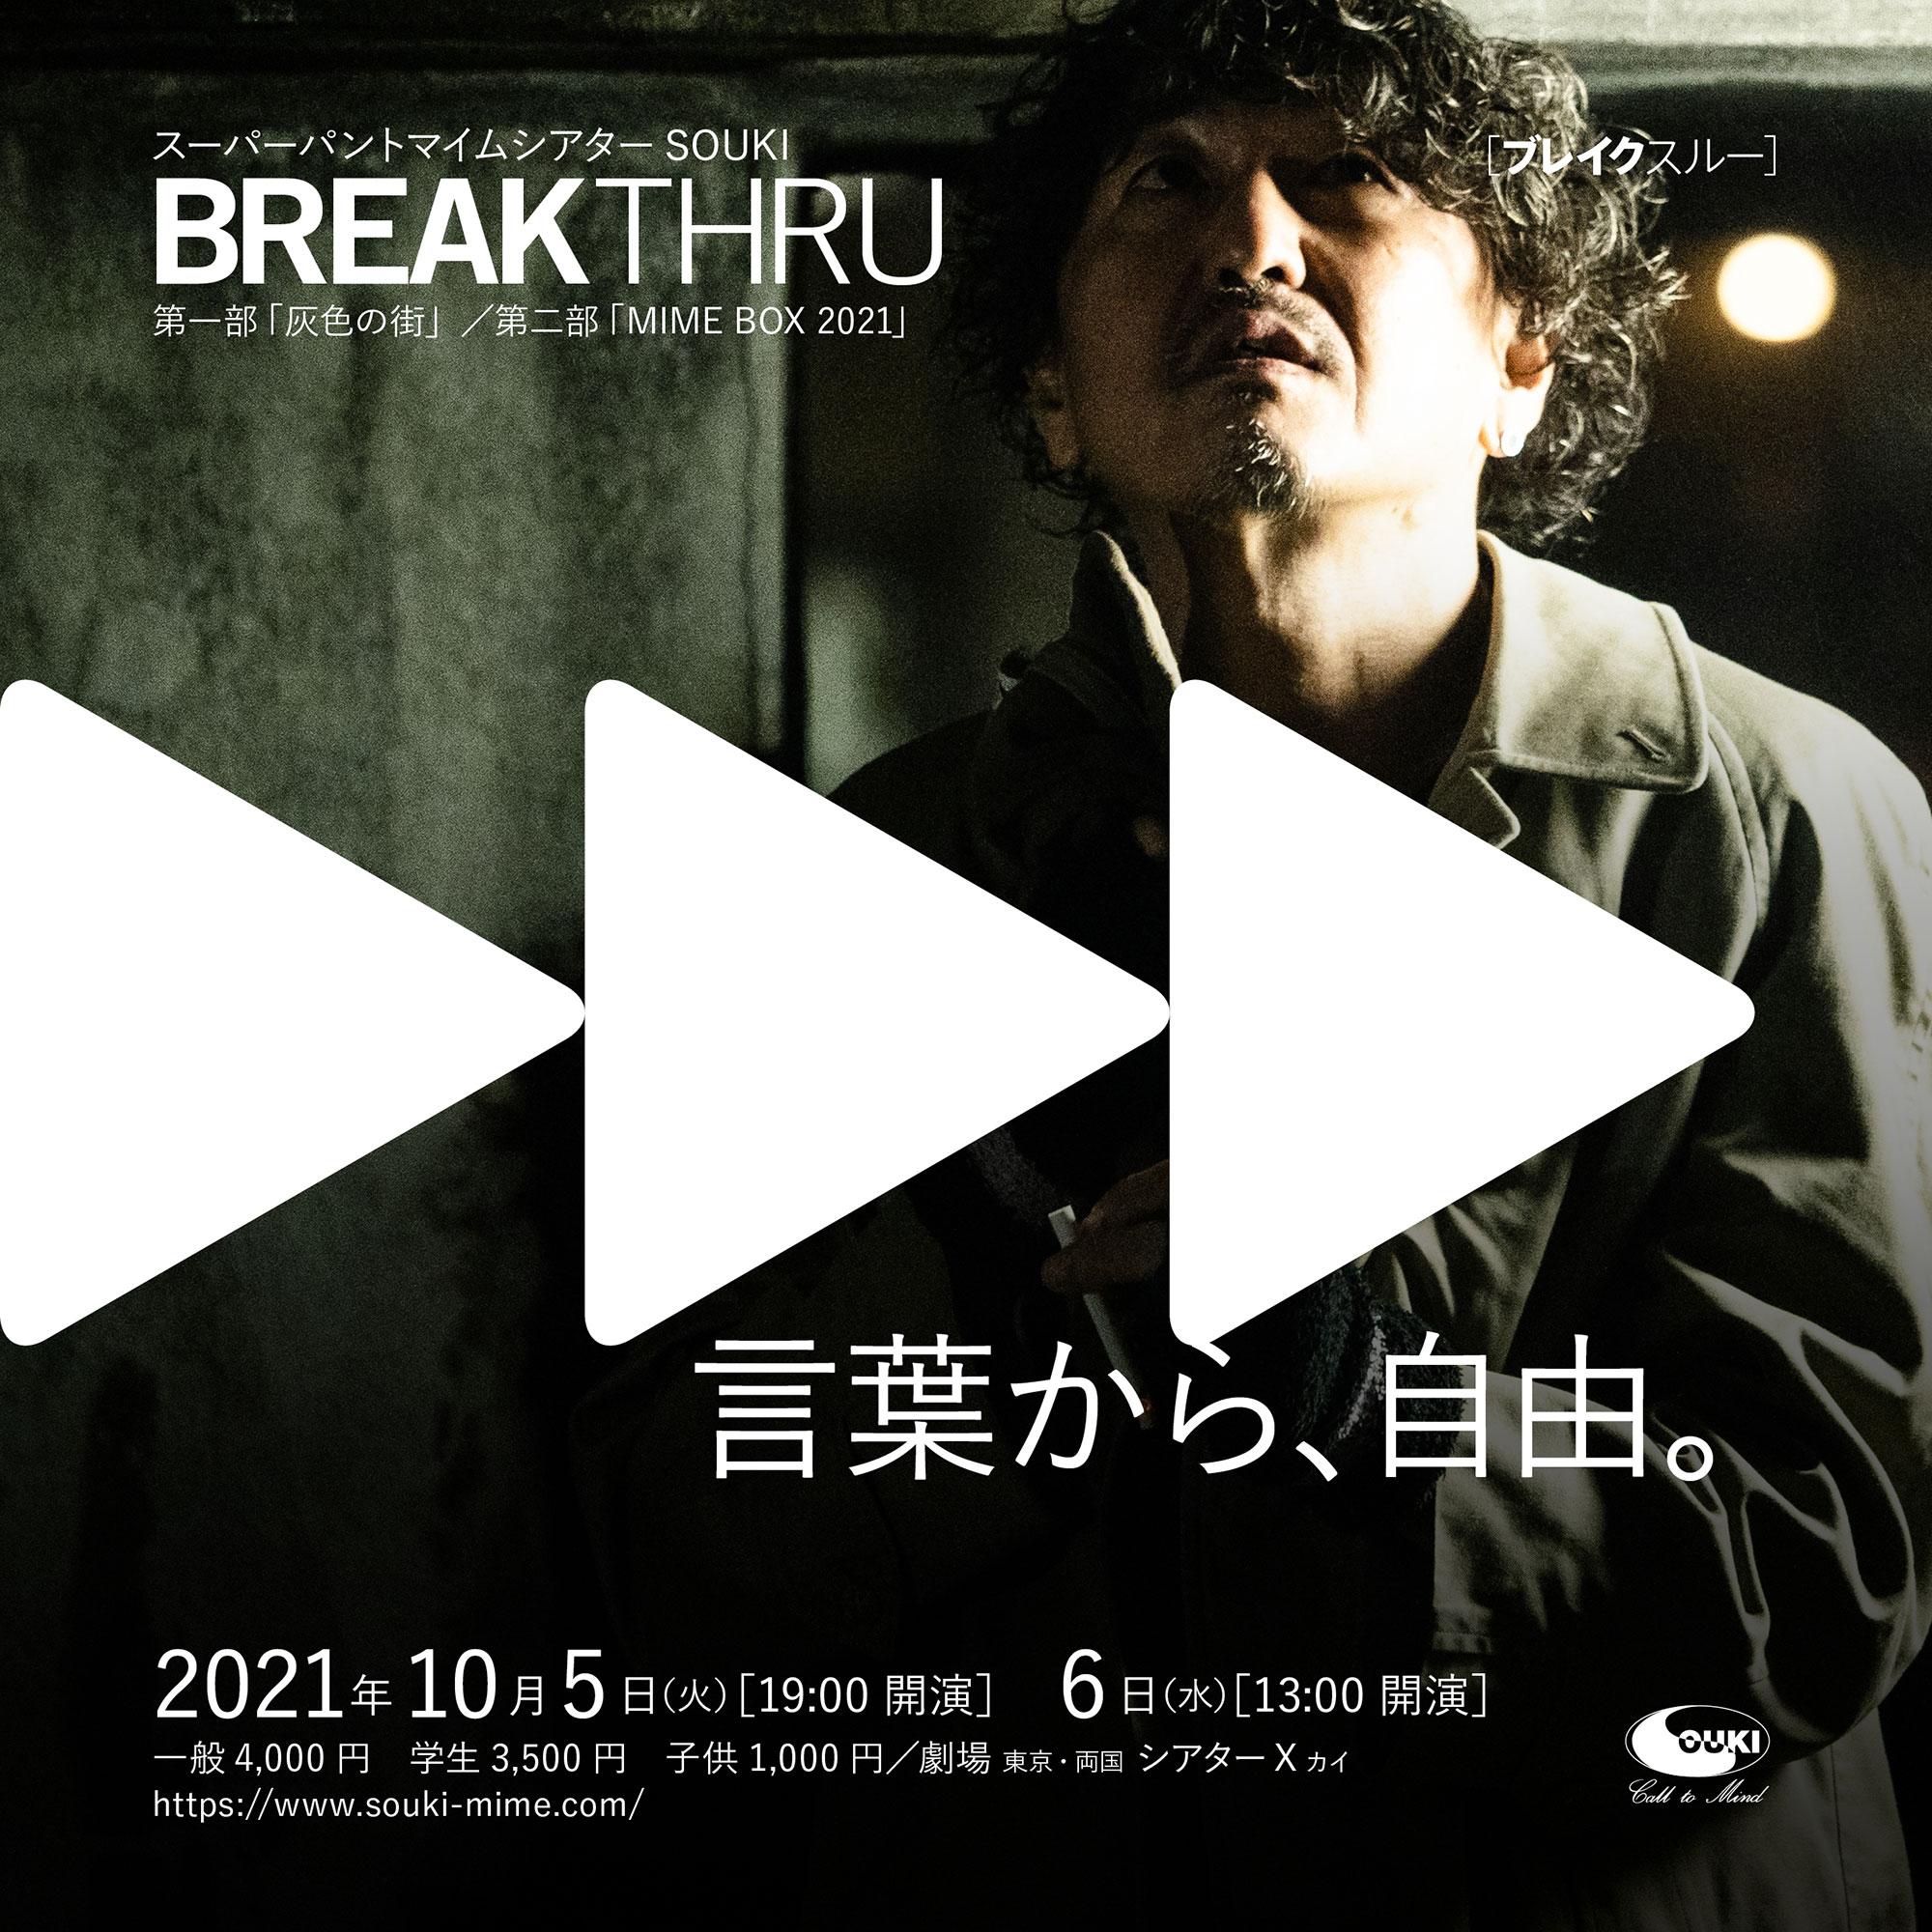 【6日(水)13時】スーパーパントマイムシアターSOUKI BREAKTHRU